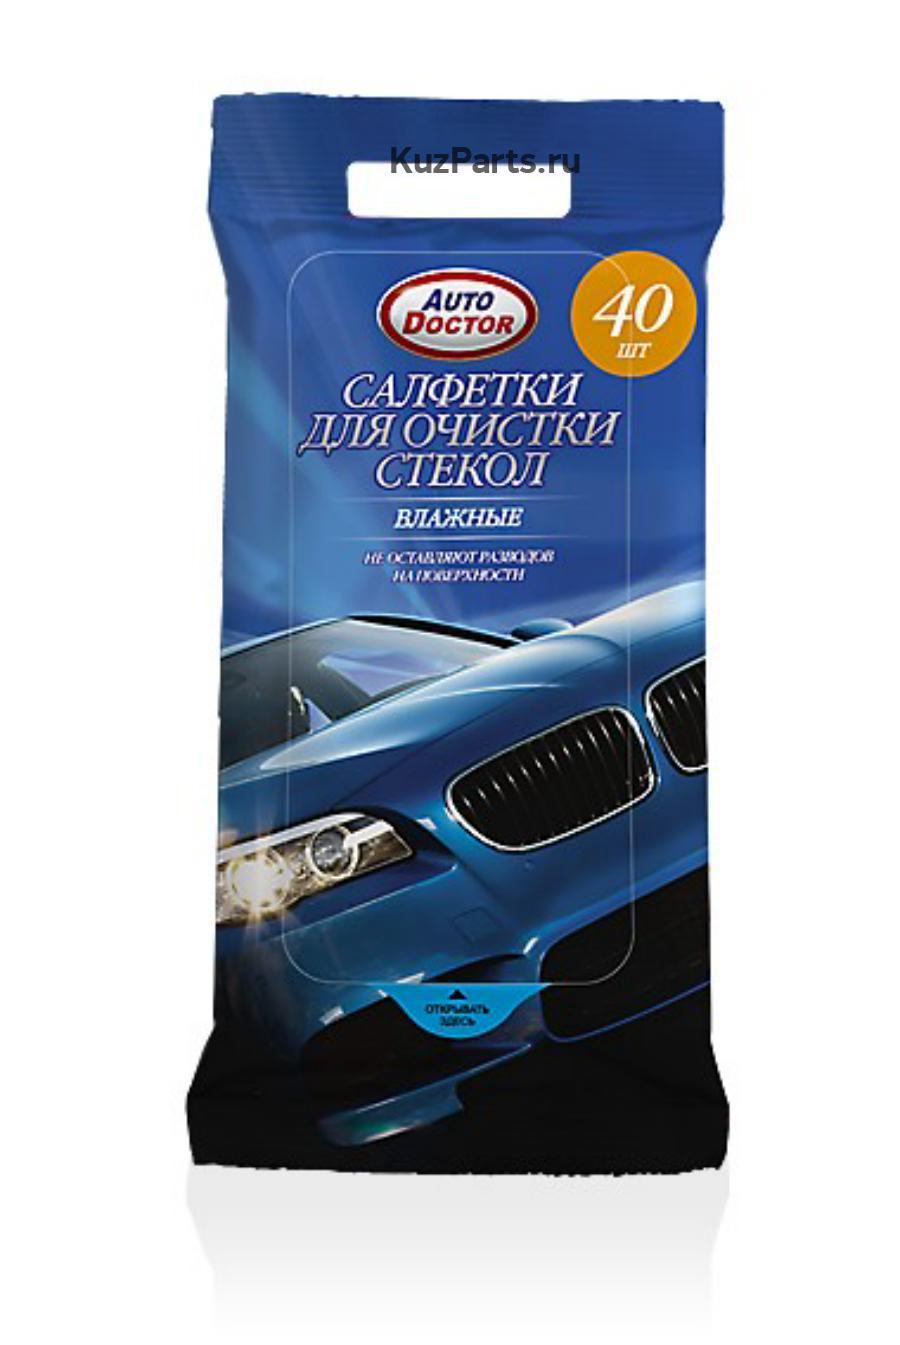 Салфетки для очистки стекол, влажные, автомобильные 40шт.